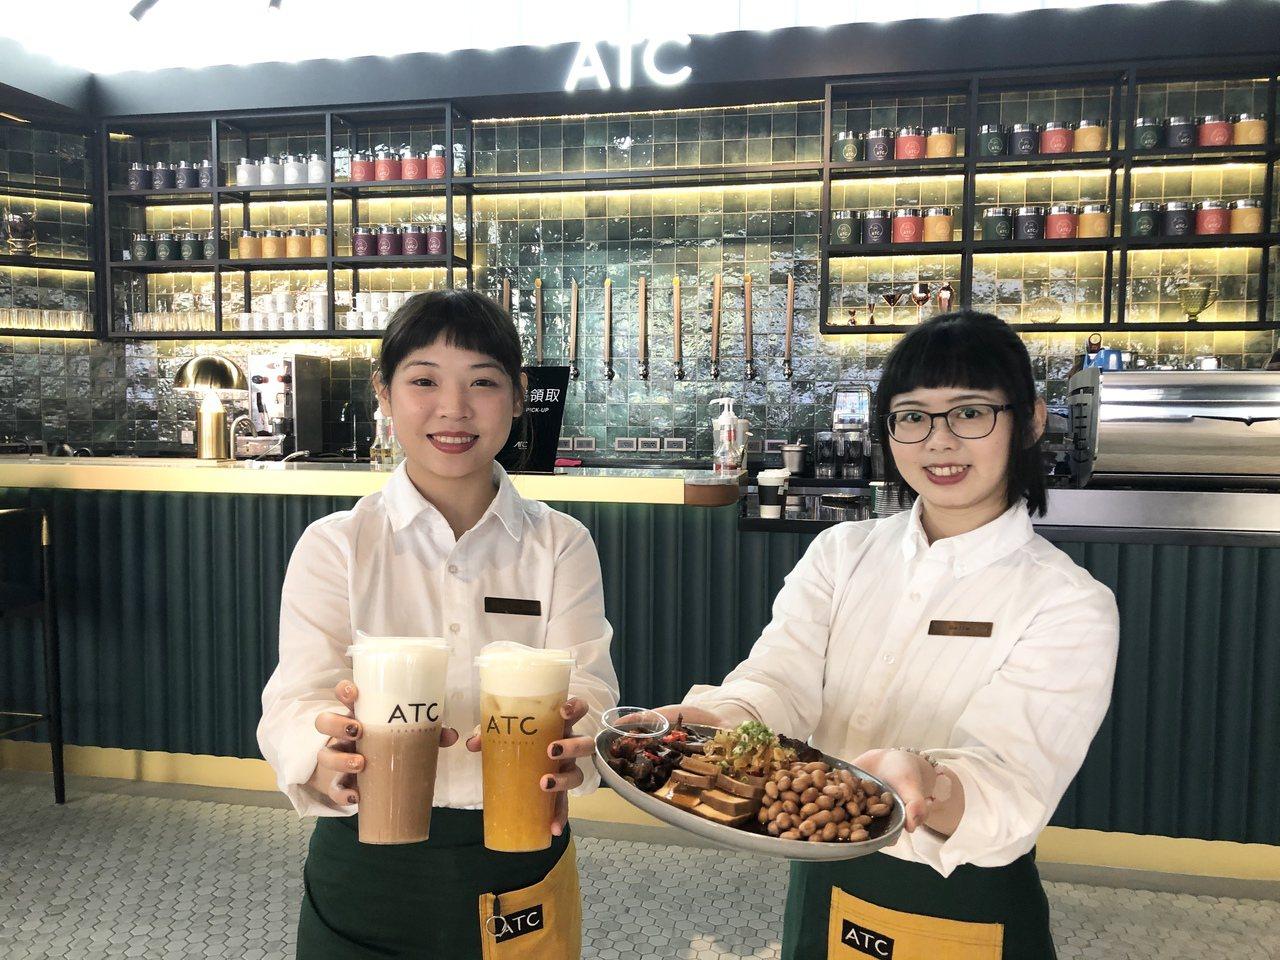 業者標榜帶給消費者嶄新的茶飲俱樂部型態,打造出台灣茶飲界的Shake Shack...